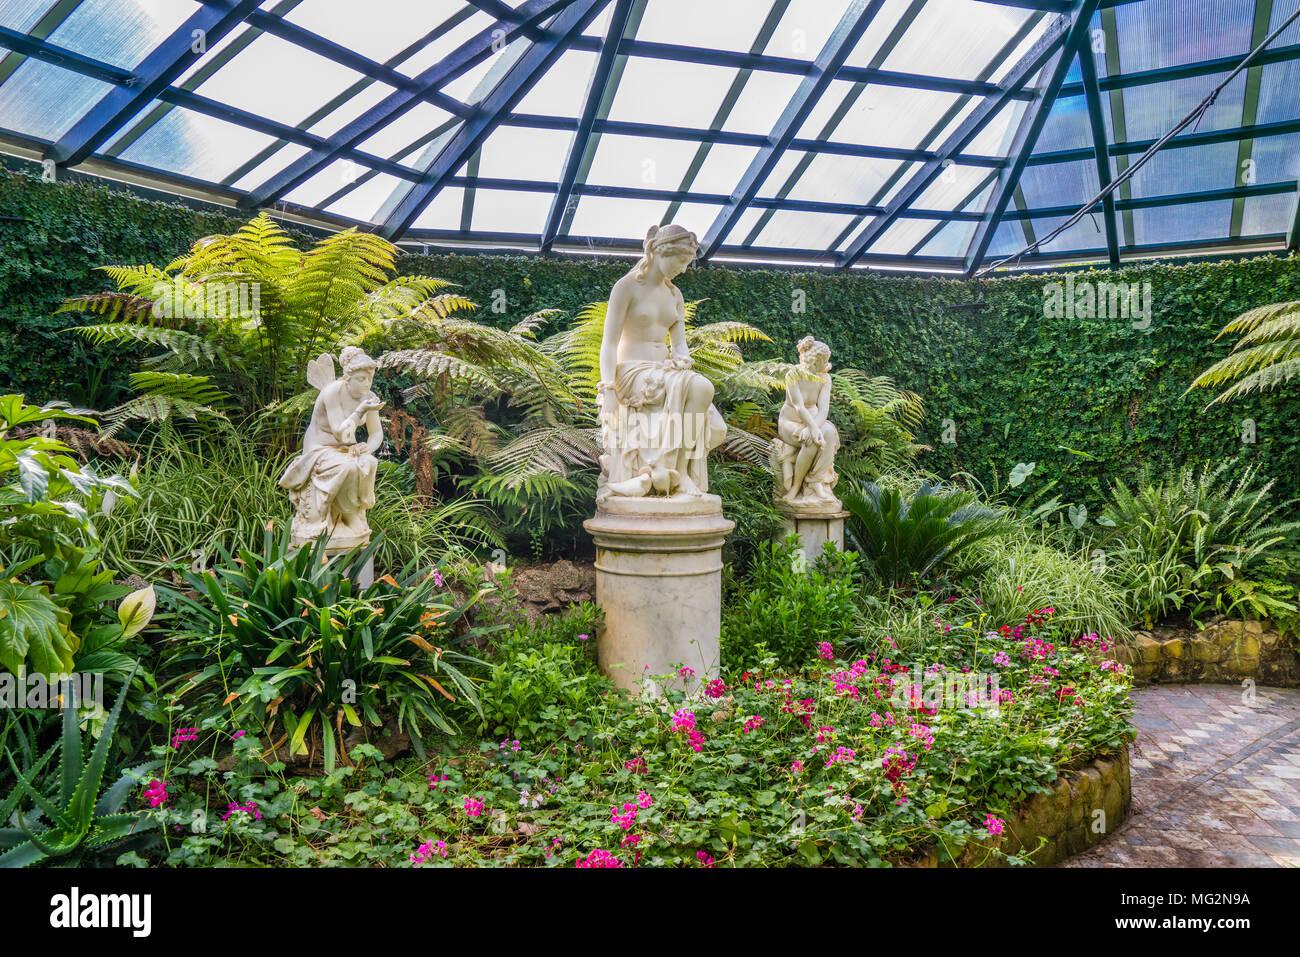 Üppig grüne Anlage Sammlung an der Fernery von Machattie Park Bathurst, einem wunderschönen viktorianischen Landhaus aus dem 19. Jahrhundert Park, Central Tablelands, New South Wal Stockbild